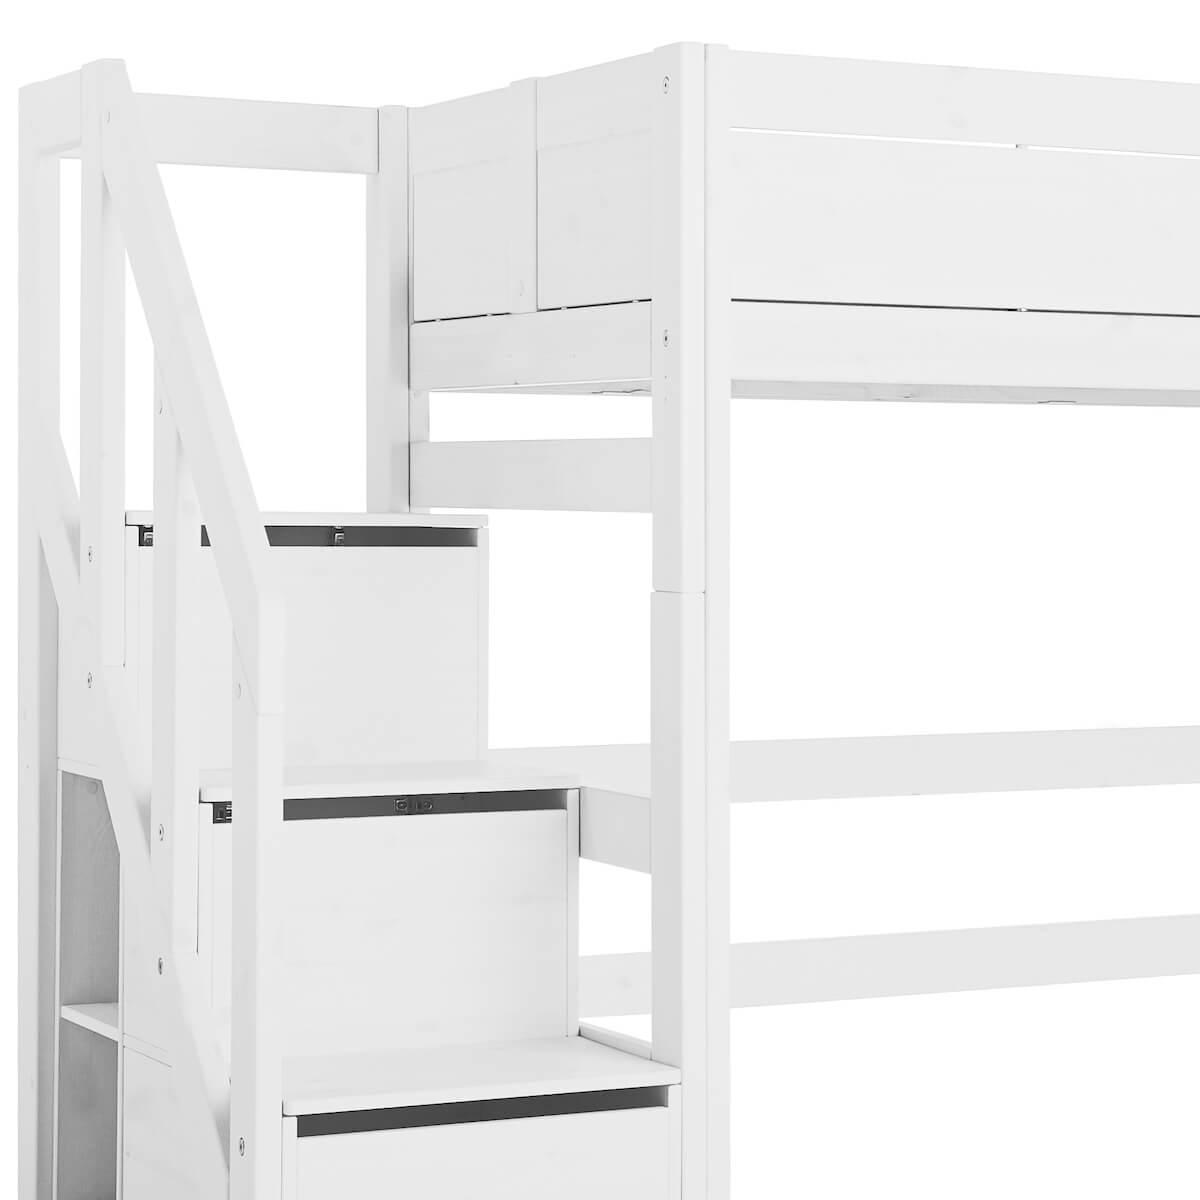 Cama semi alta 90x200cm escalera cajones Lifetime blanco